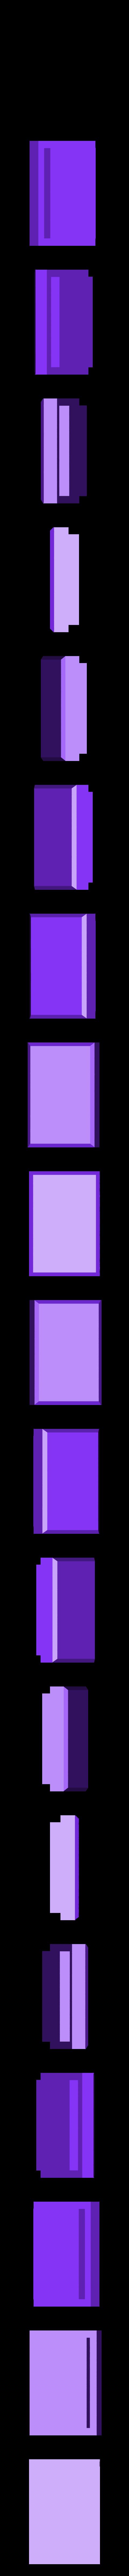 BlockBack10_05.stl Download STL file Playing Card Tiles • Object to 3D print, Jinja